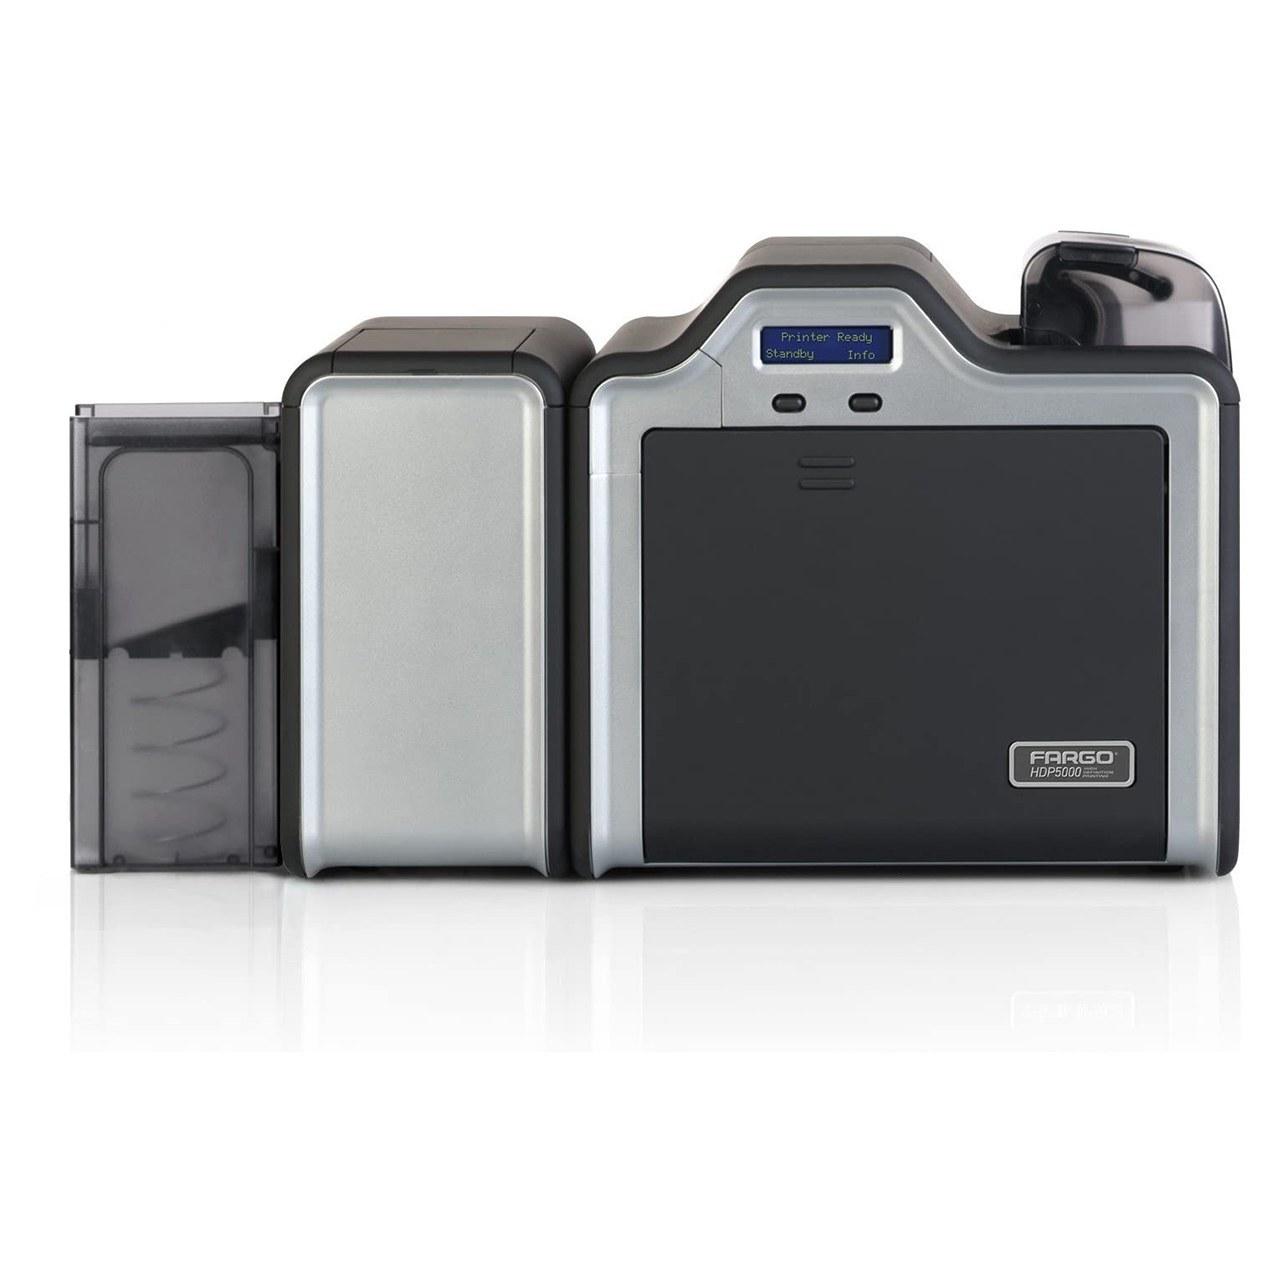 تصویر چاپگر کارت فارگو مدل HDP5000 Fargo HDP5000 Card Printer